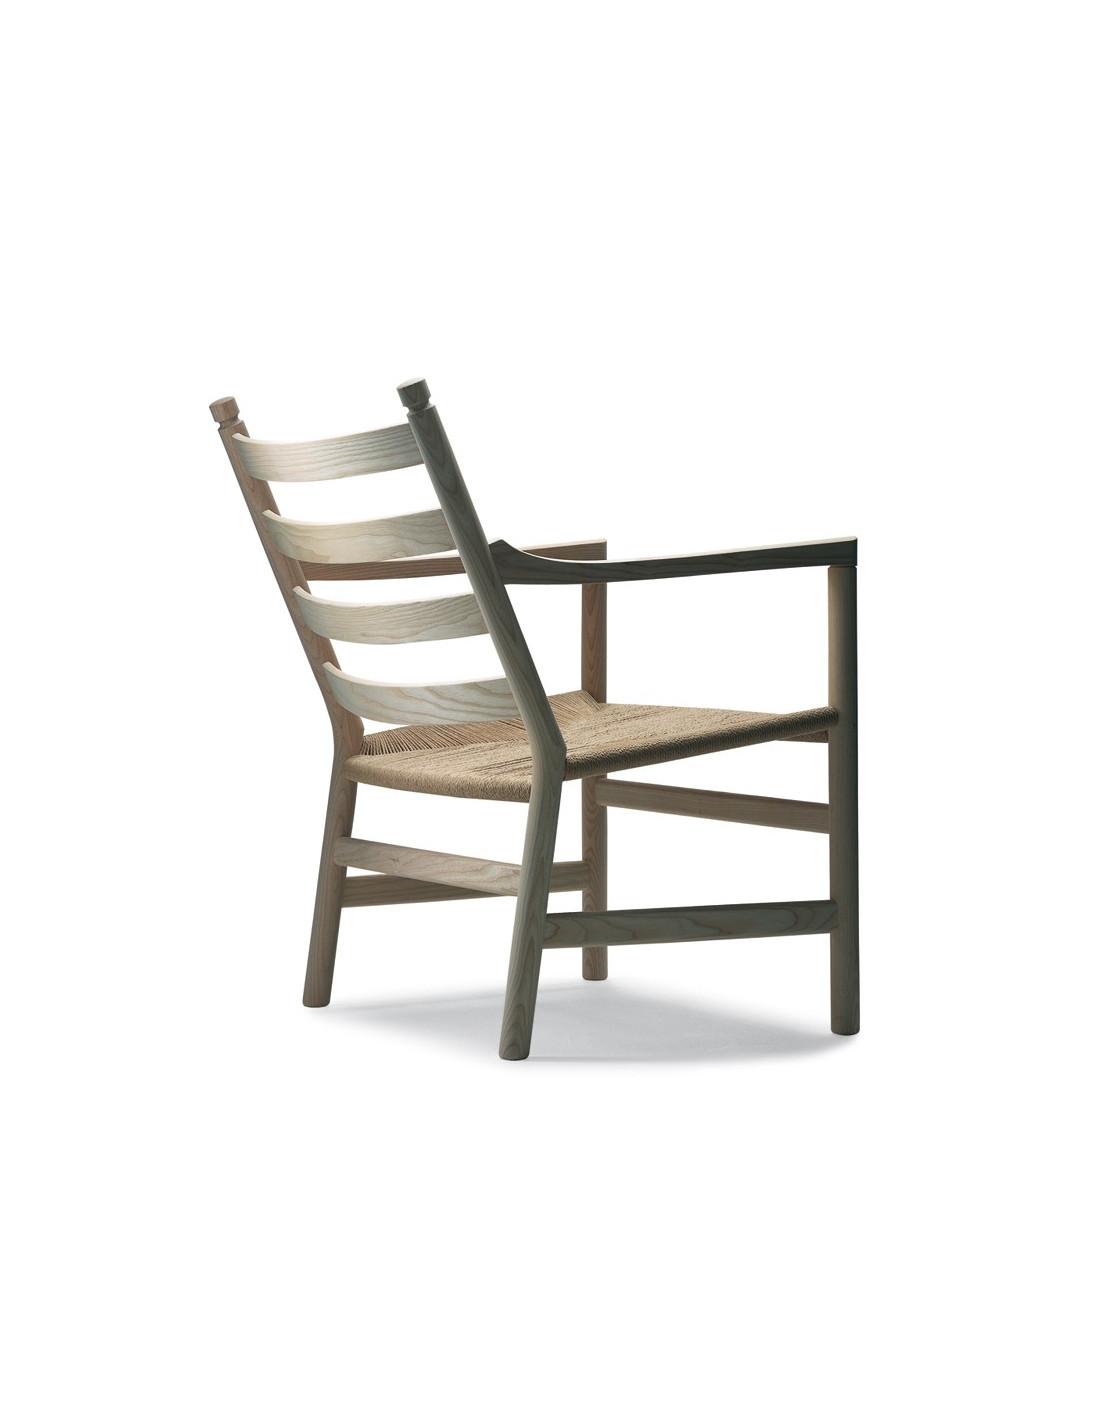 fauteuil ch44 design hans wegner pour carl hansen la. Black Bedroom Furniture Sets. Home Design Ideas